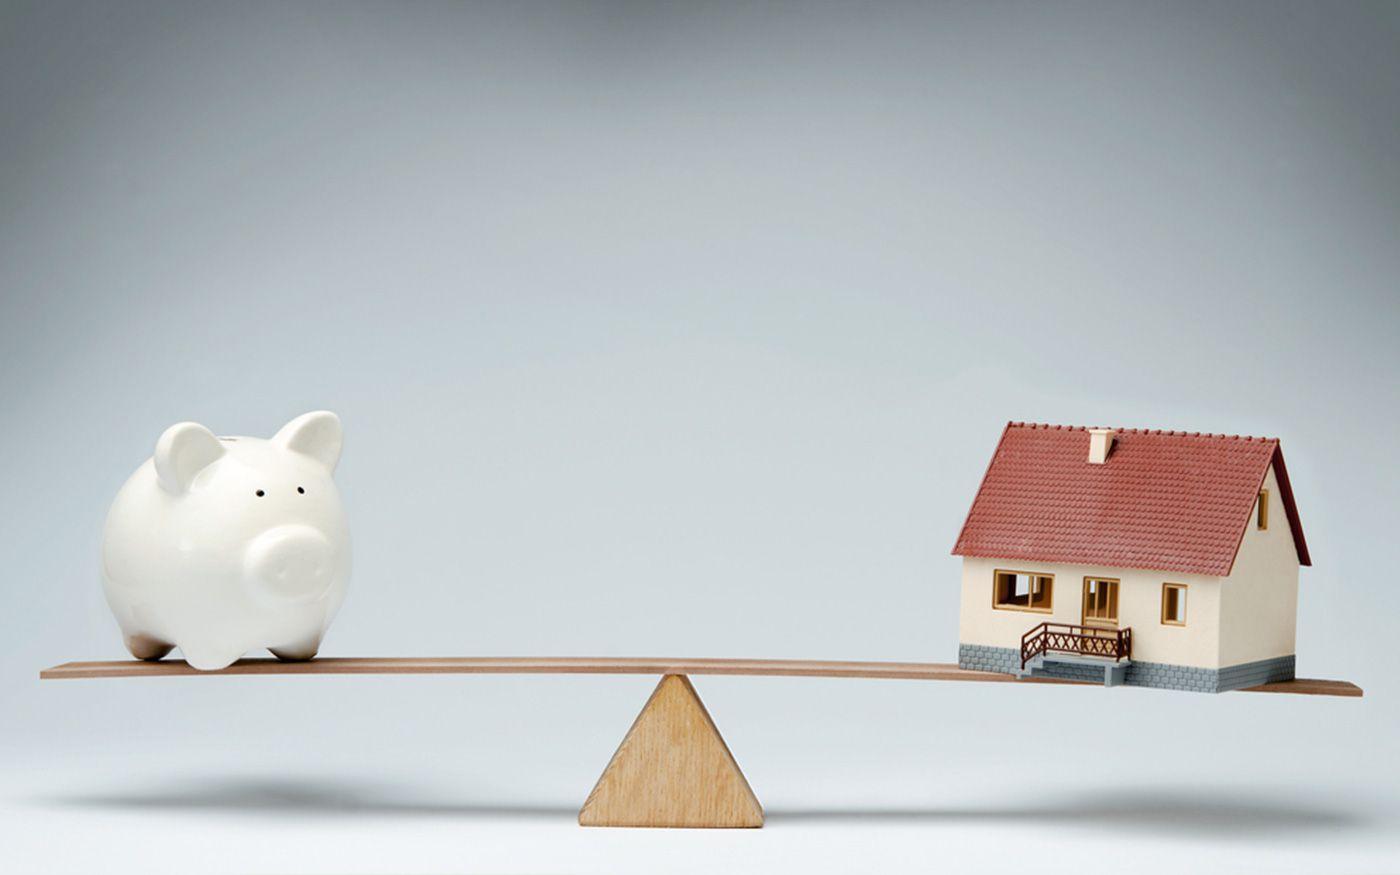 Vente appartement : Ce que vous pouvez faire pour mettre en valeur un bien